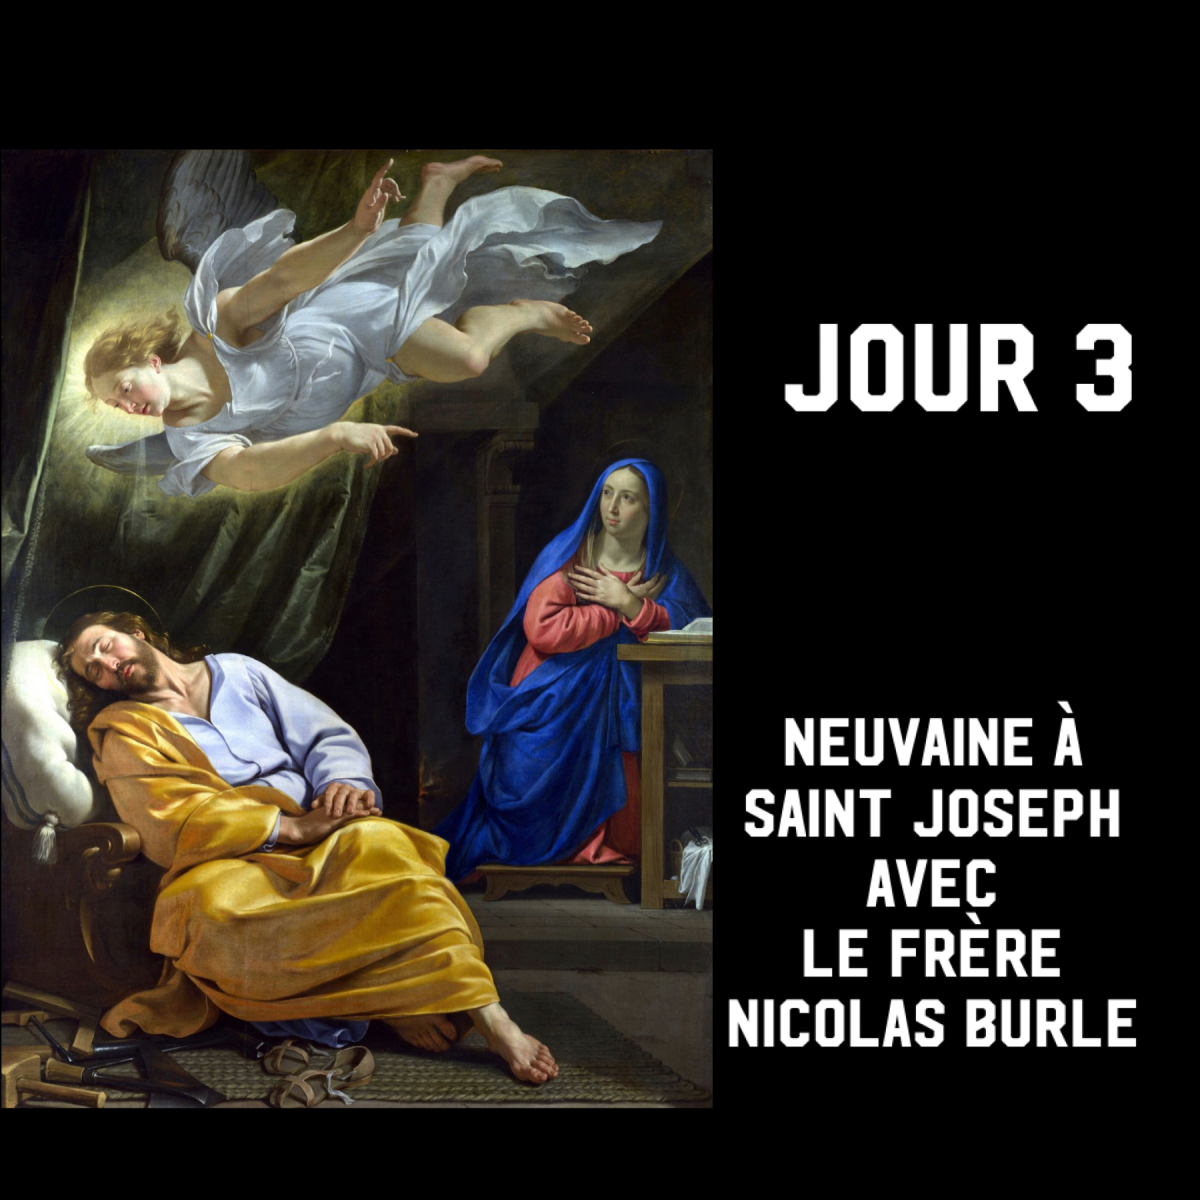 JOUR 3: ne crains pas, fils de David